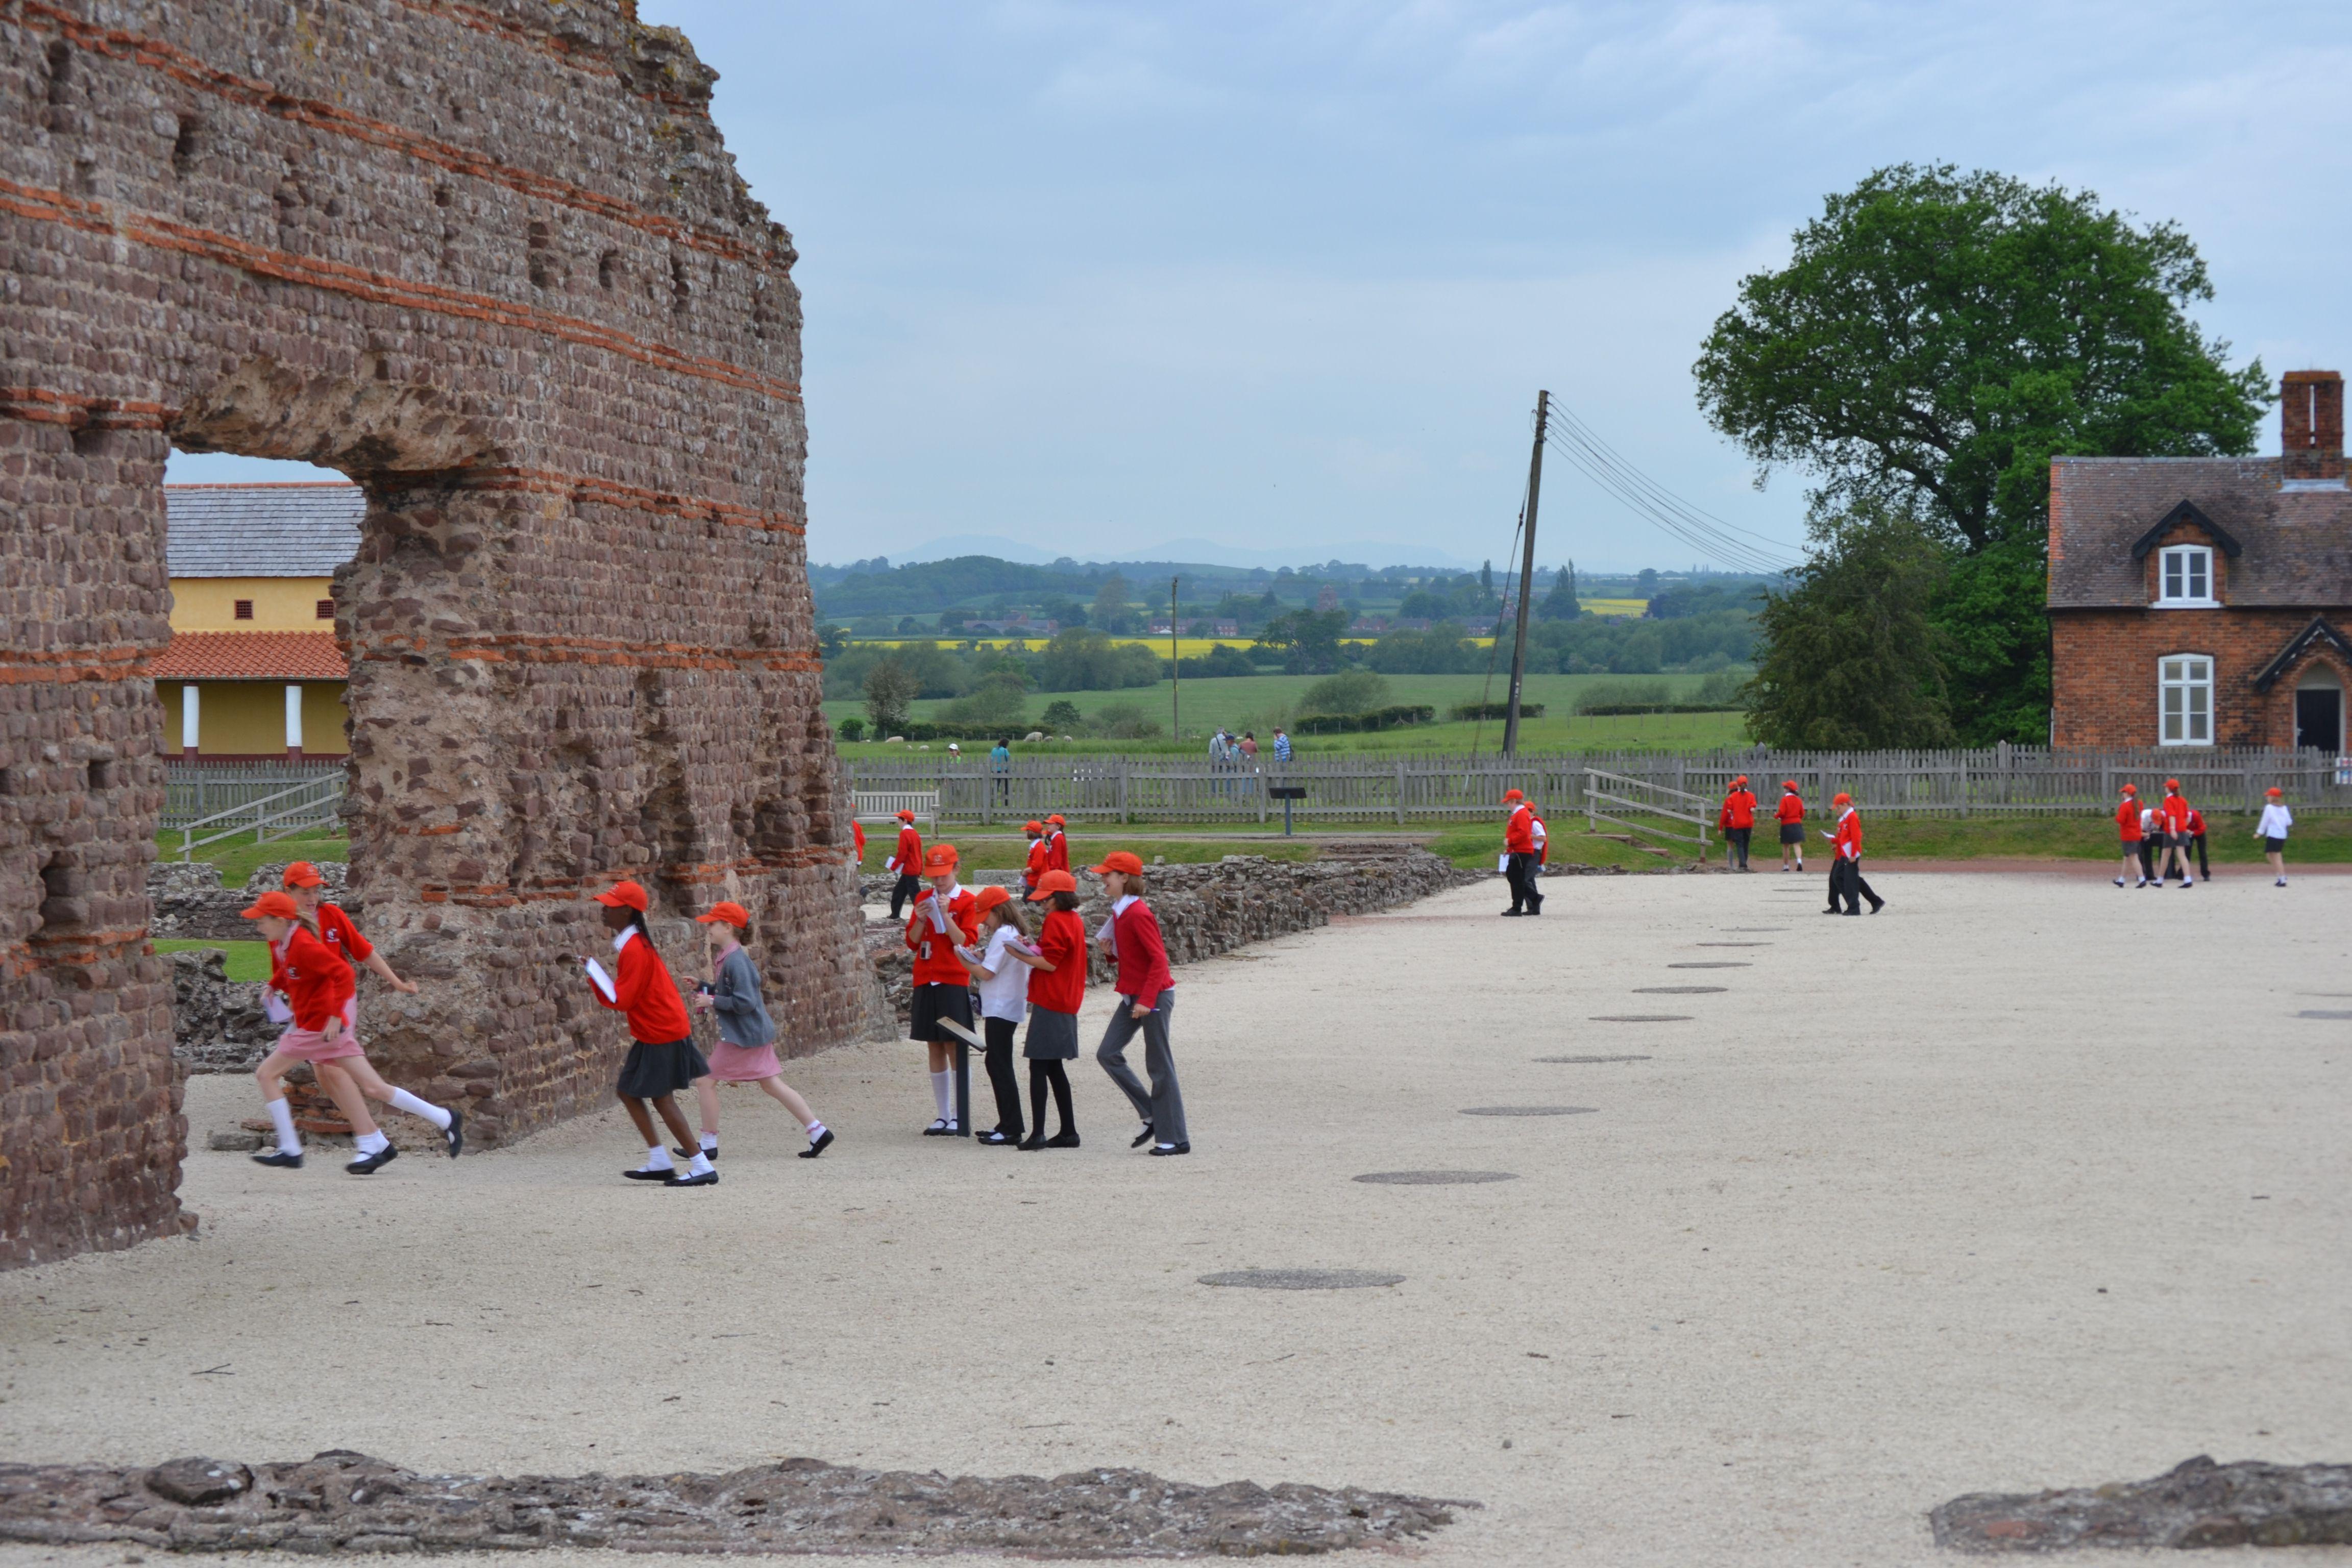 La ciudad romana de Wroxter en Shropshire es popular para los viajes escolares